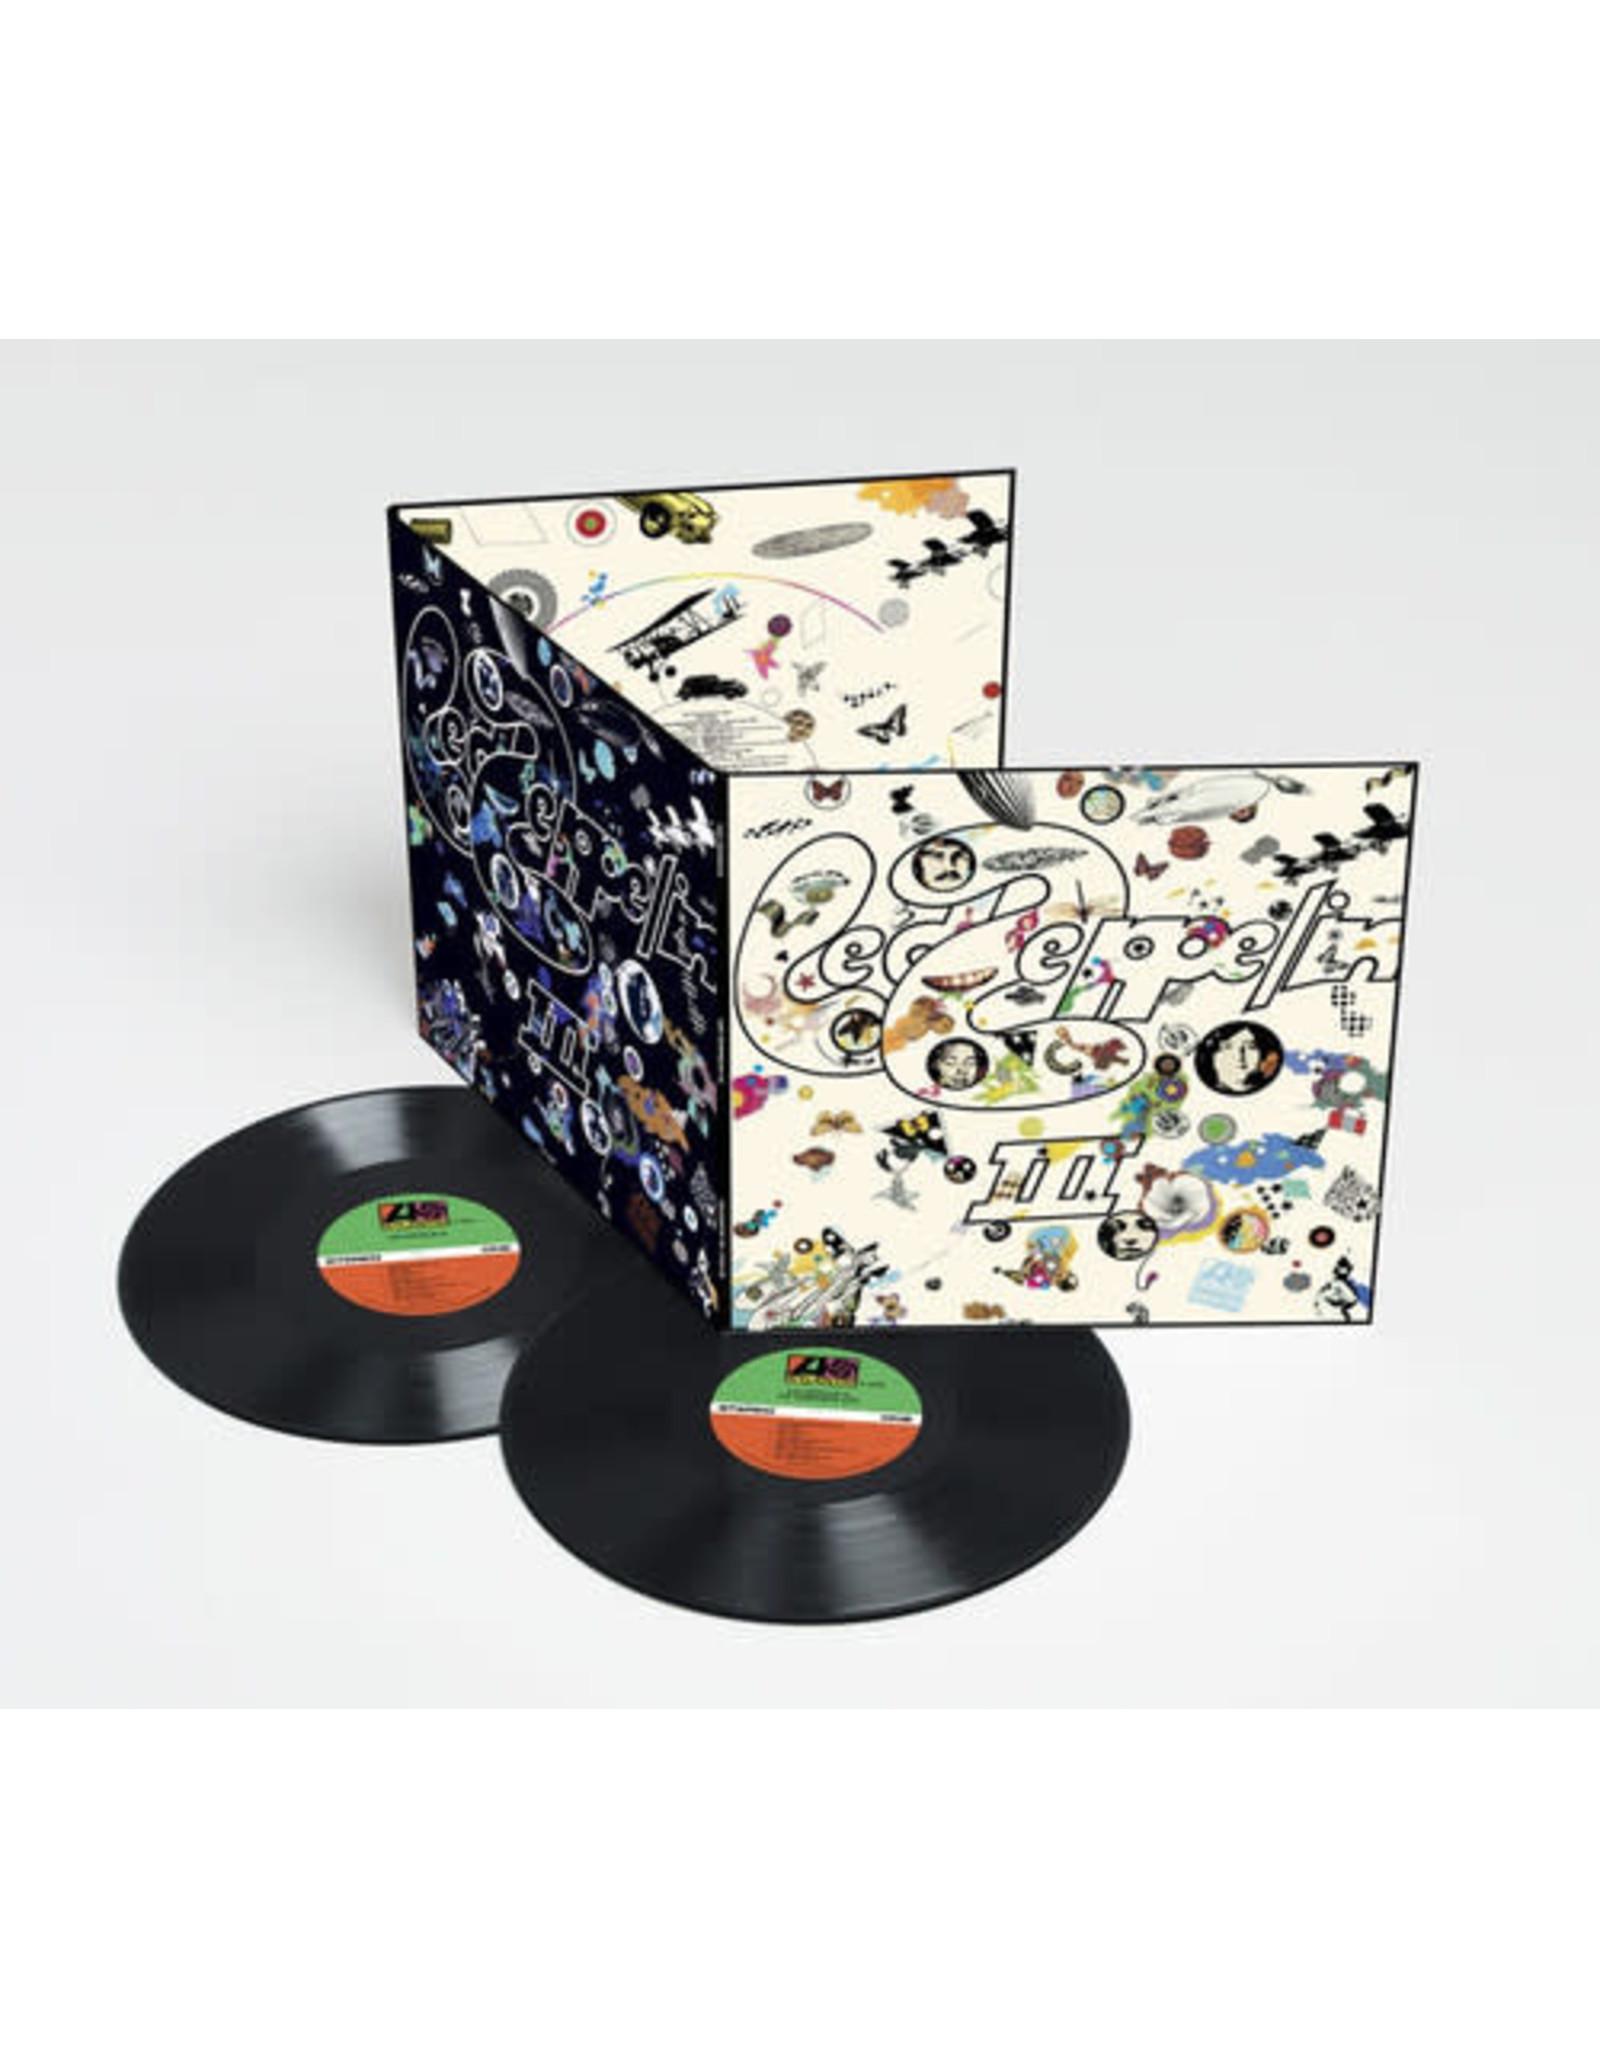 New Vinyl Led Zeppelin - III (Deluxe) 2LP